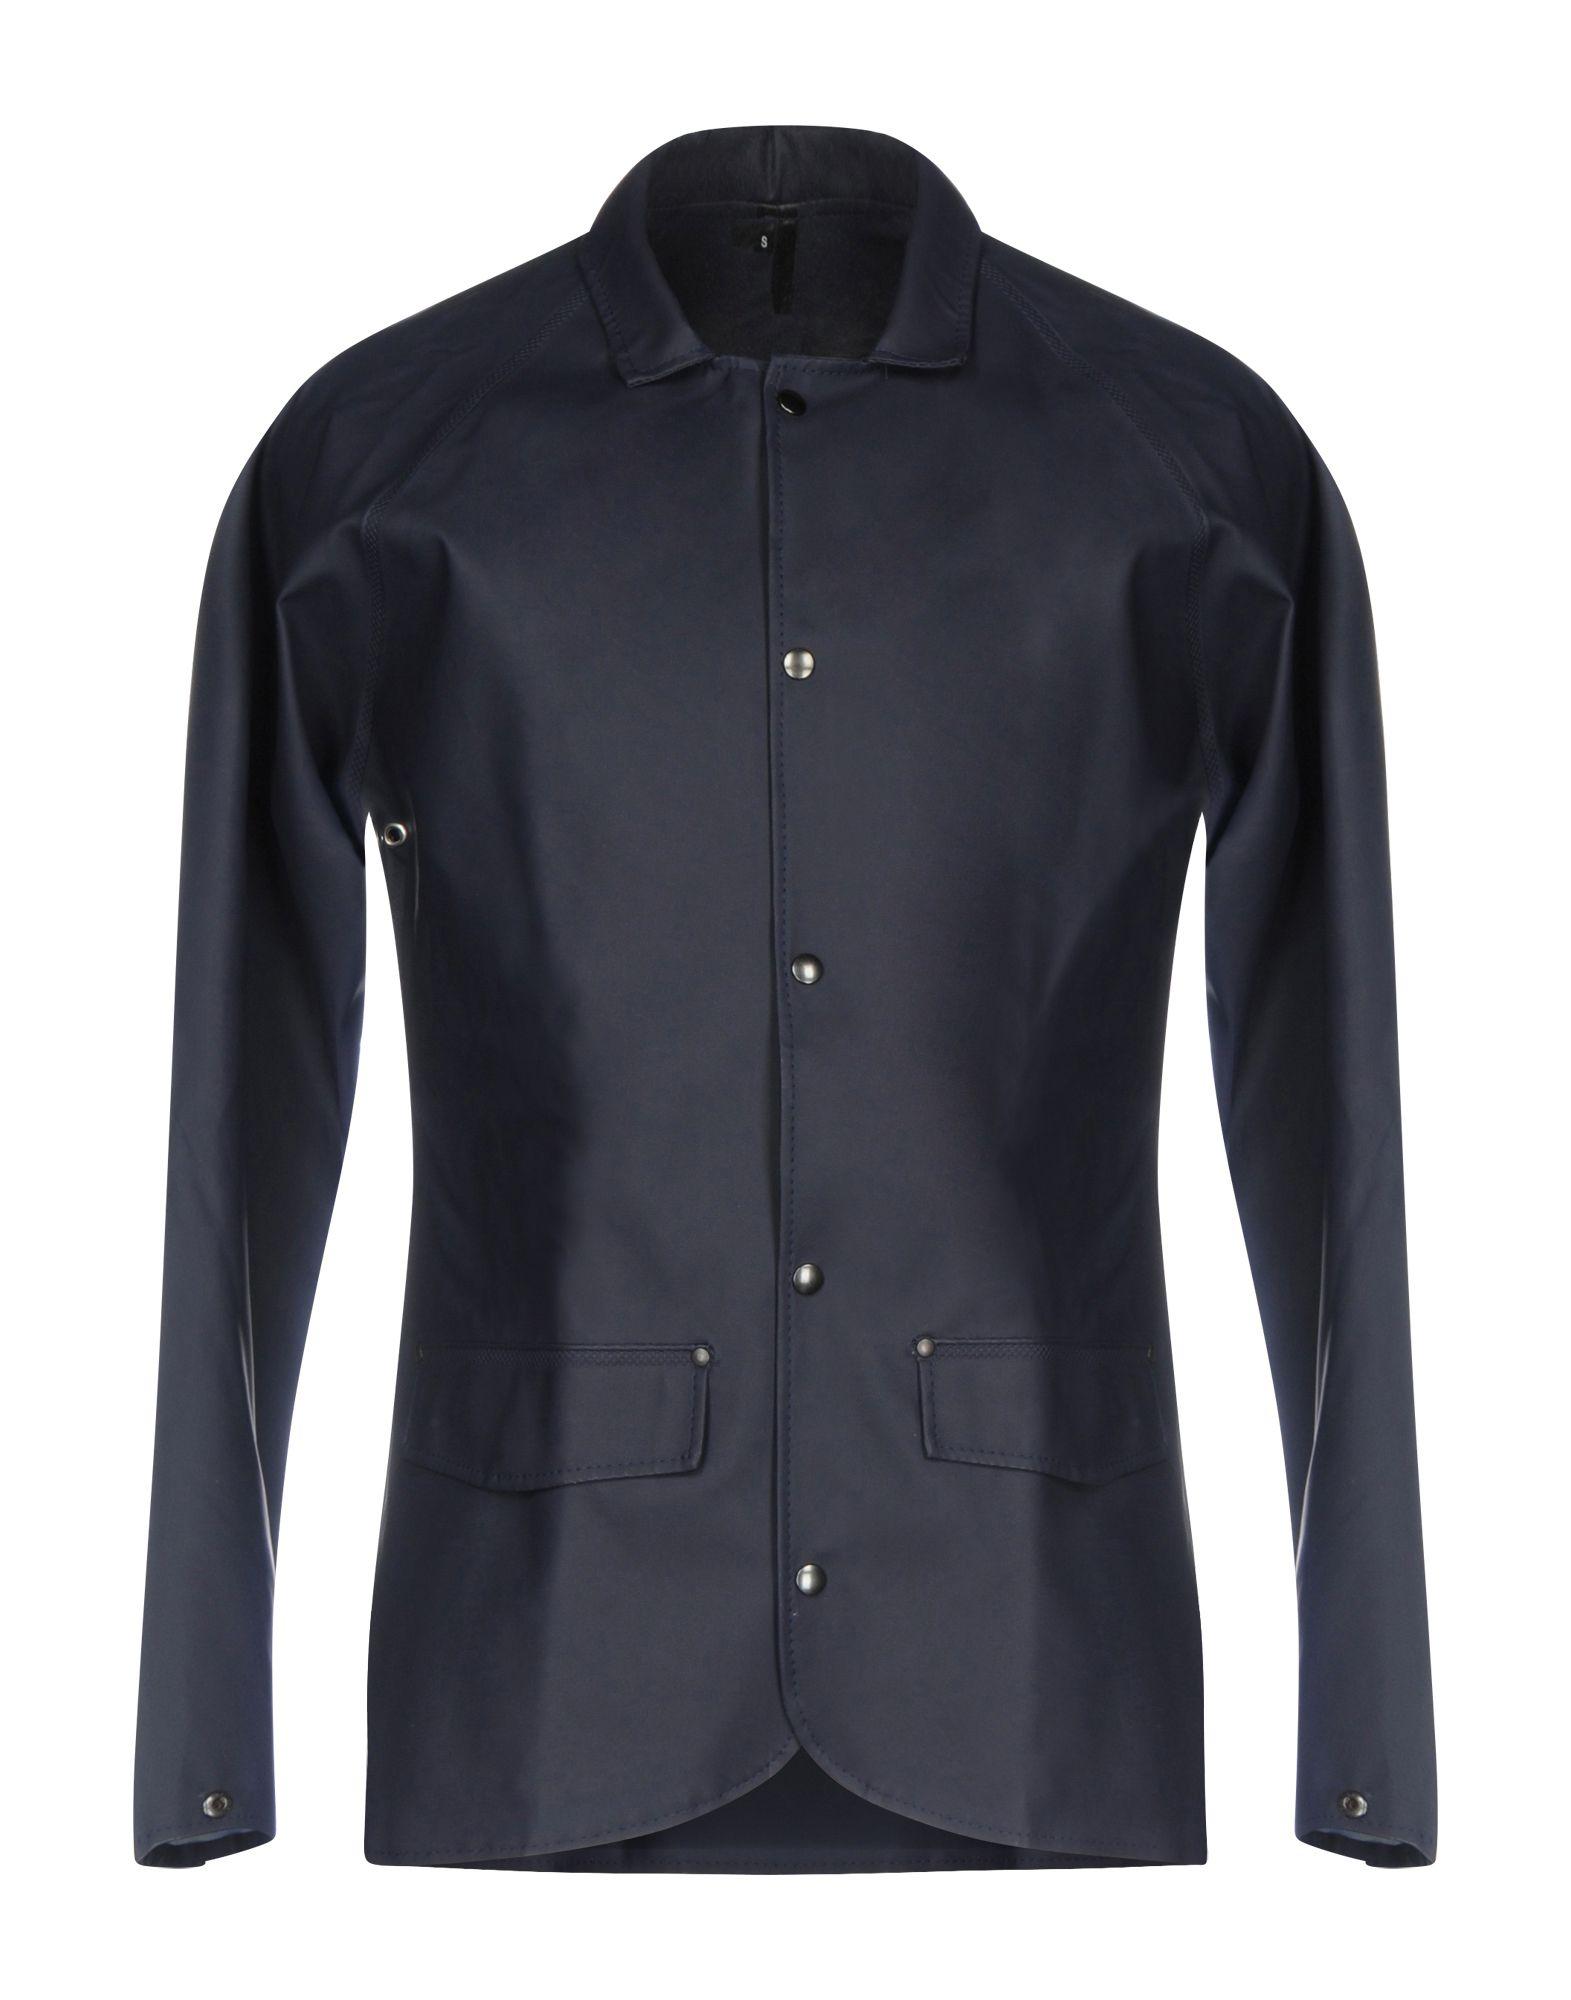 ELKA Jacket in Dark Blue